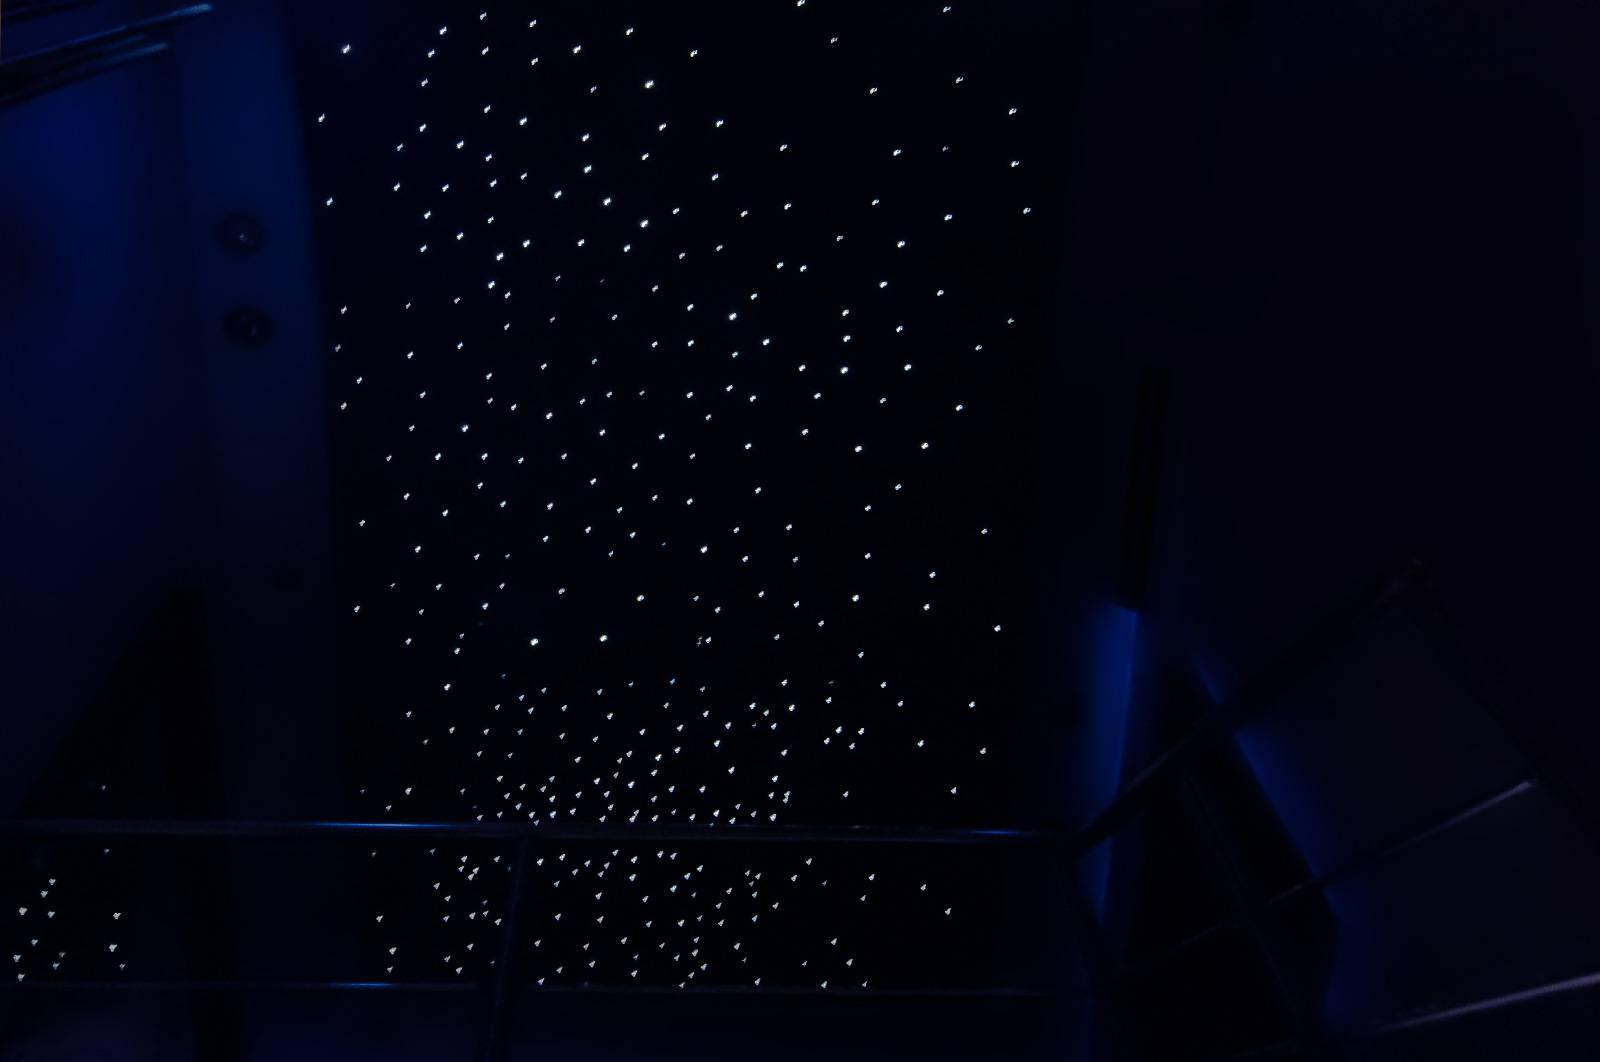 habitacion cielo de estrellas 1